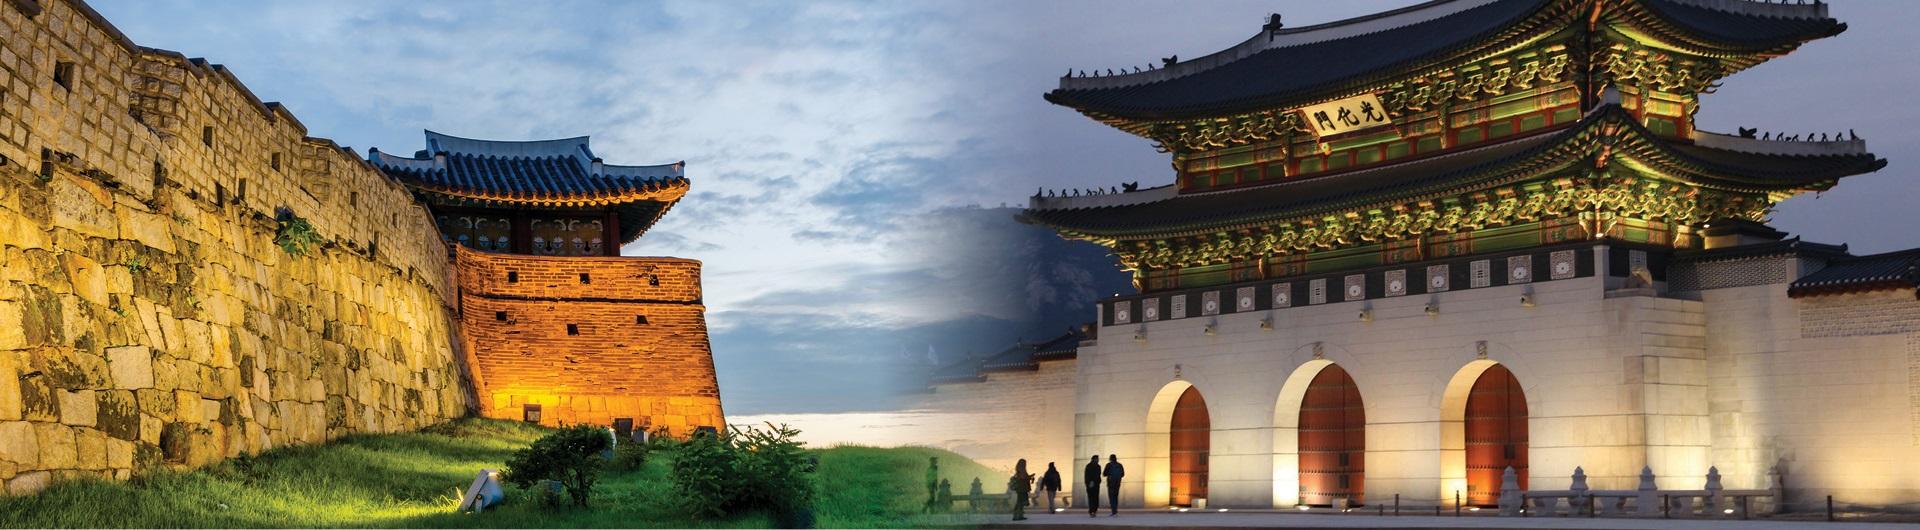 טיול מאורגן לדרום קוריאה - ישן וחדש, קדמה ומסורות עתיקות , נופי טבע  ותרבות ייחודית